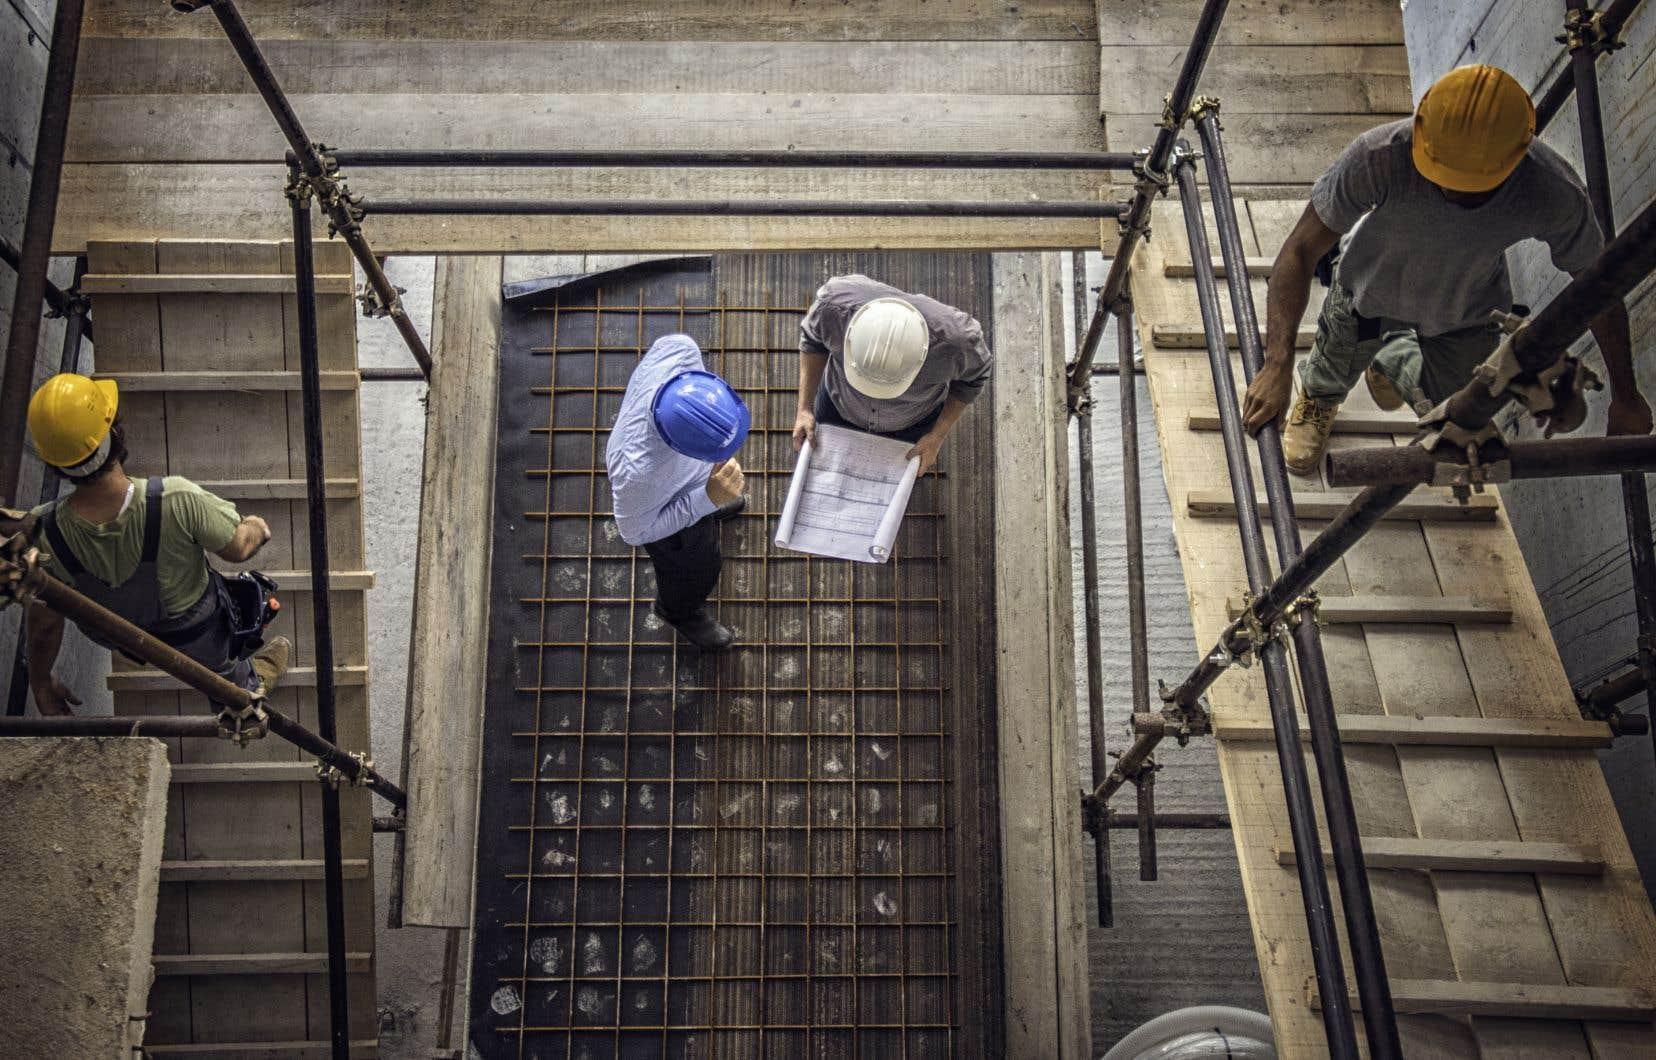 La première mouture du projet de loi 61, présentée en juin, misait sur plus de 200 projets d'infrastructures pour relancer l'économie.